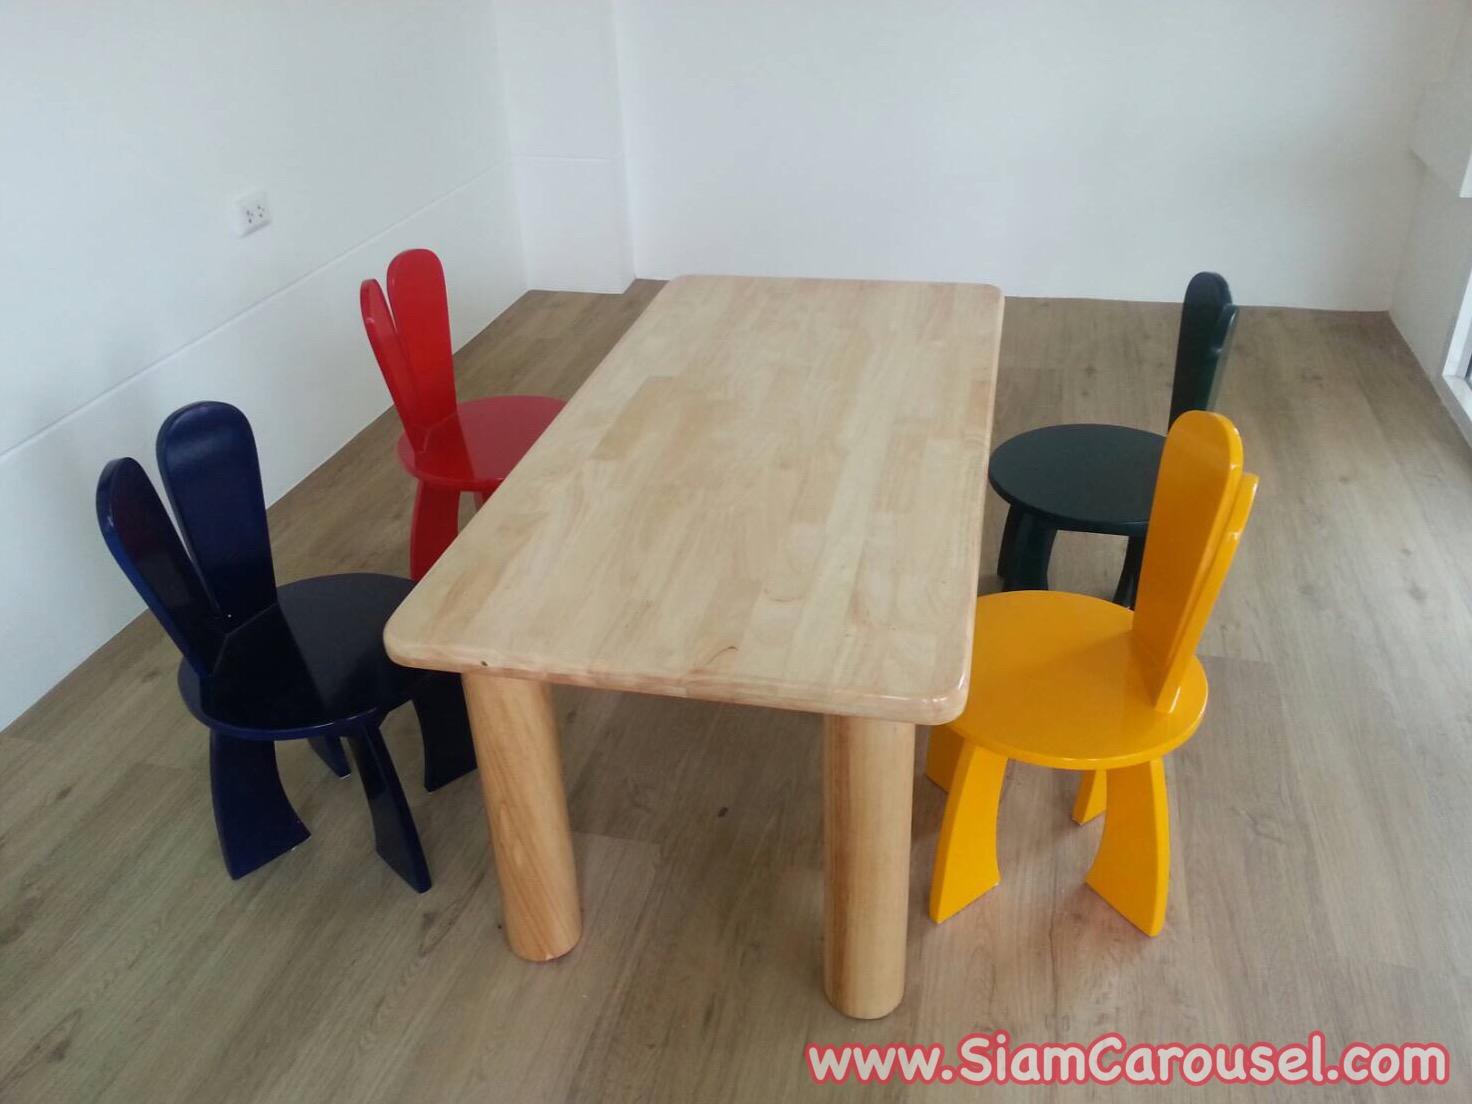 ชุดโต๊ะกิจกรรม ของคุณติ๊ก หมู่บ้านพฤกษ์ภิรมย์ ถ.ราชพฤกษ์